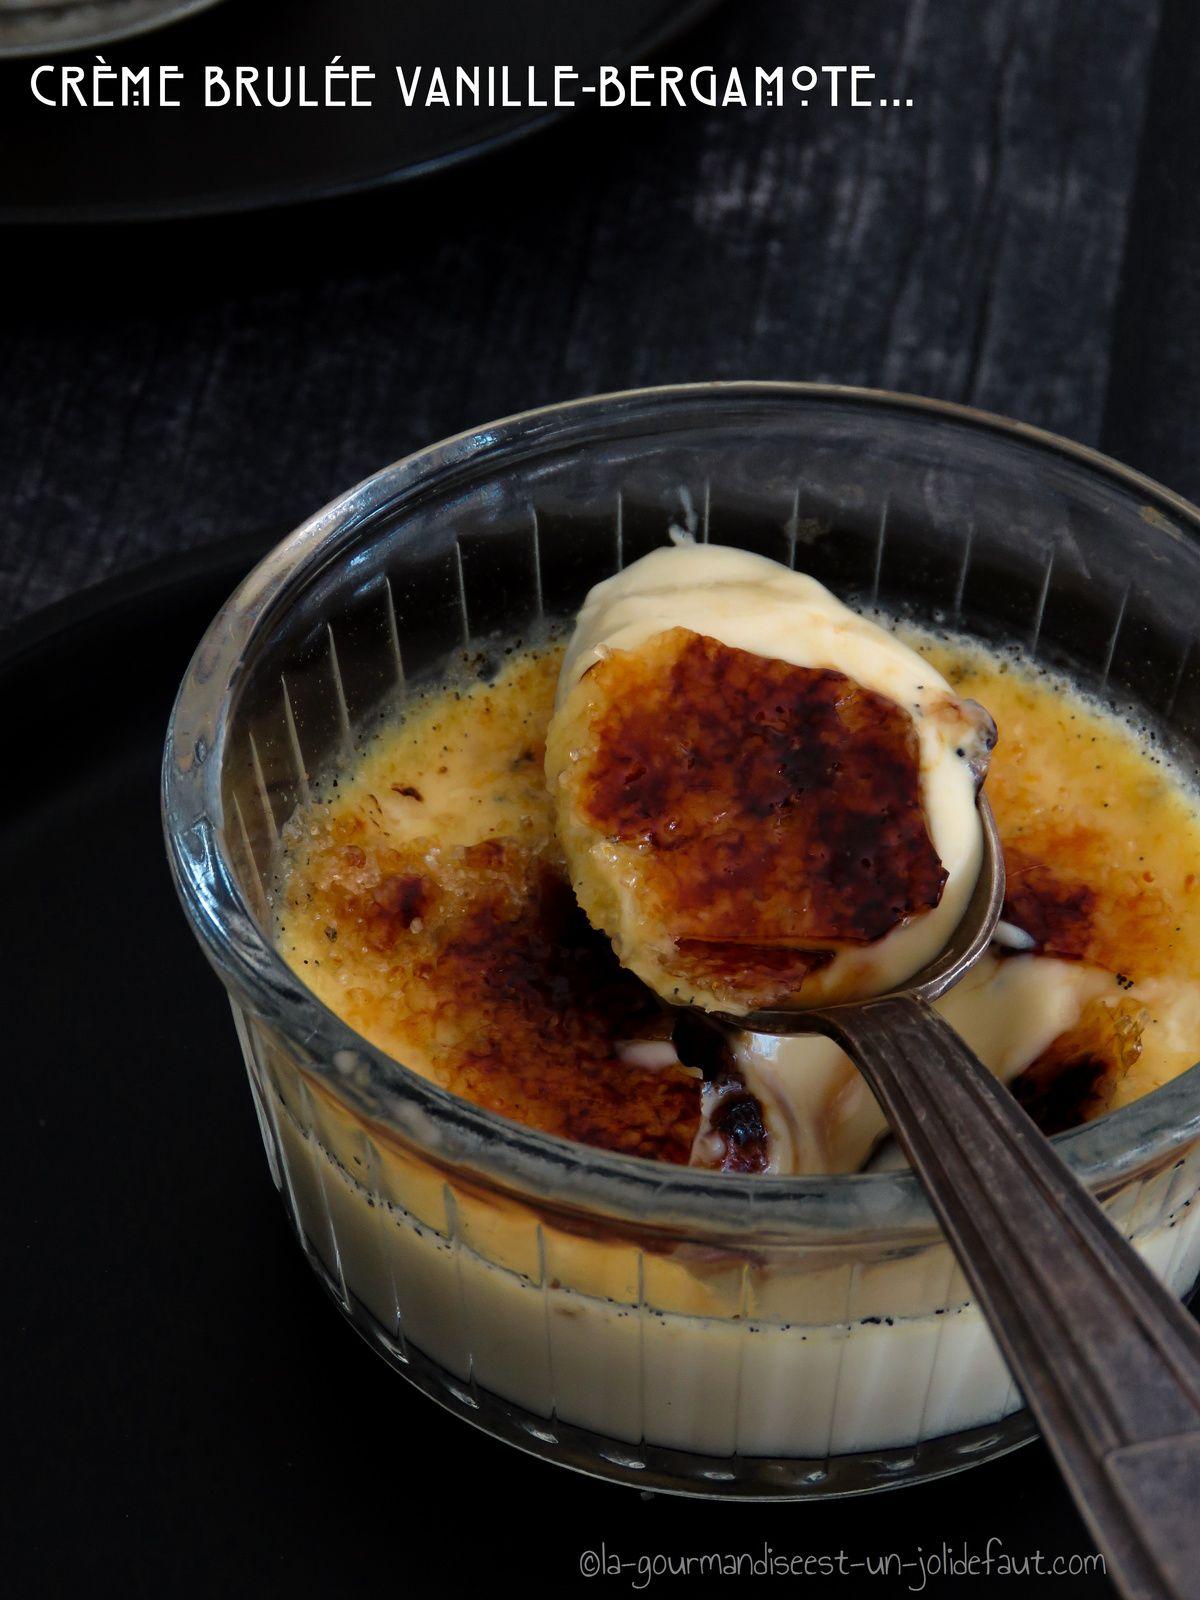 Crèmes brûlées à la bergamote